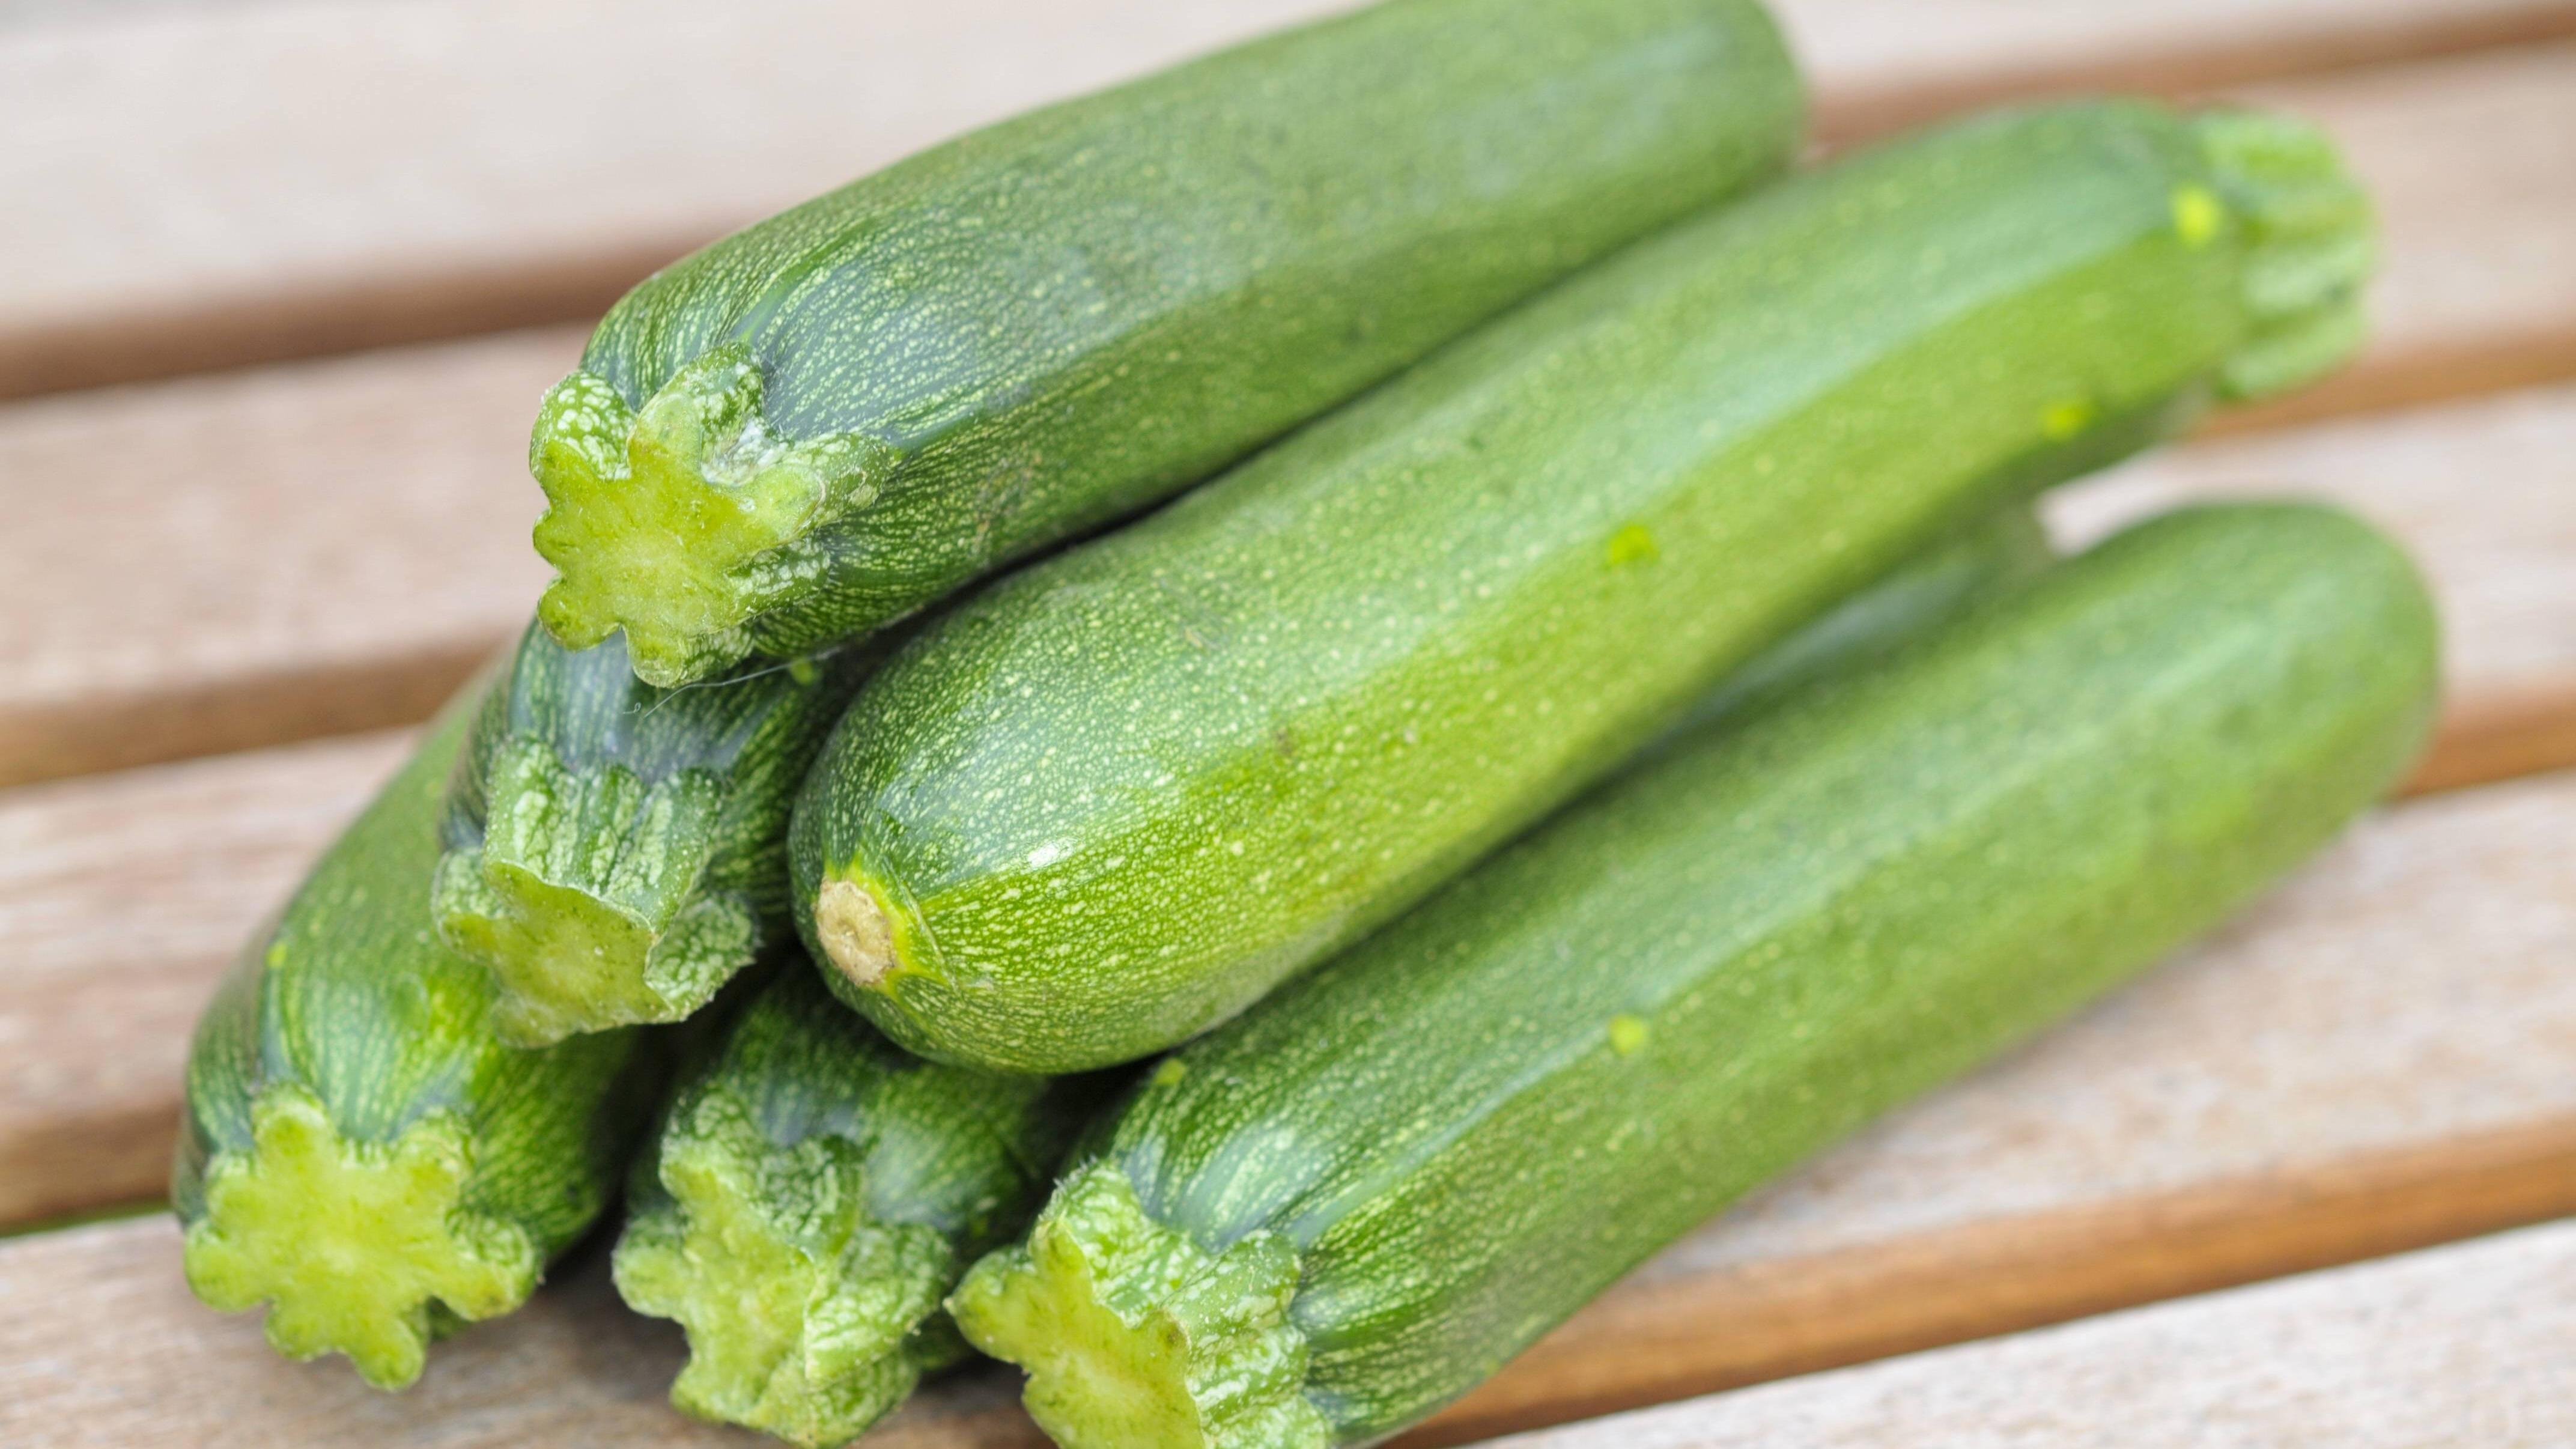 Bittere Zucchini gegessen - das kann gefährlich sein